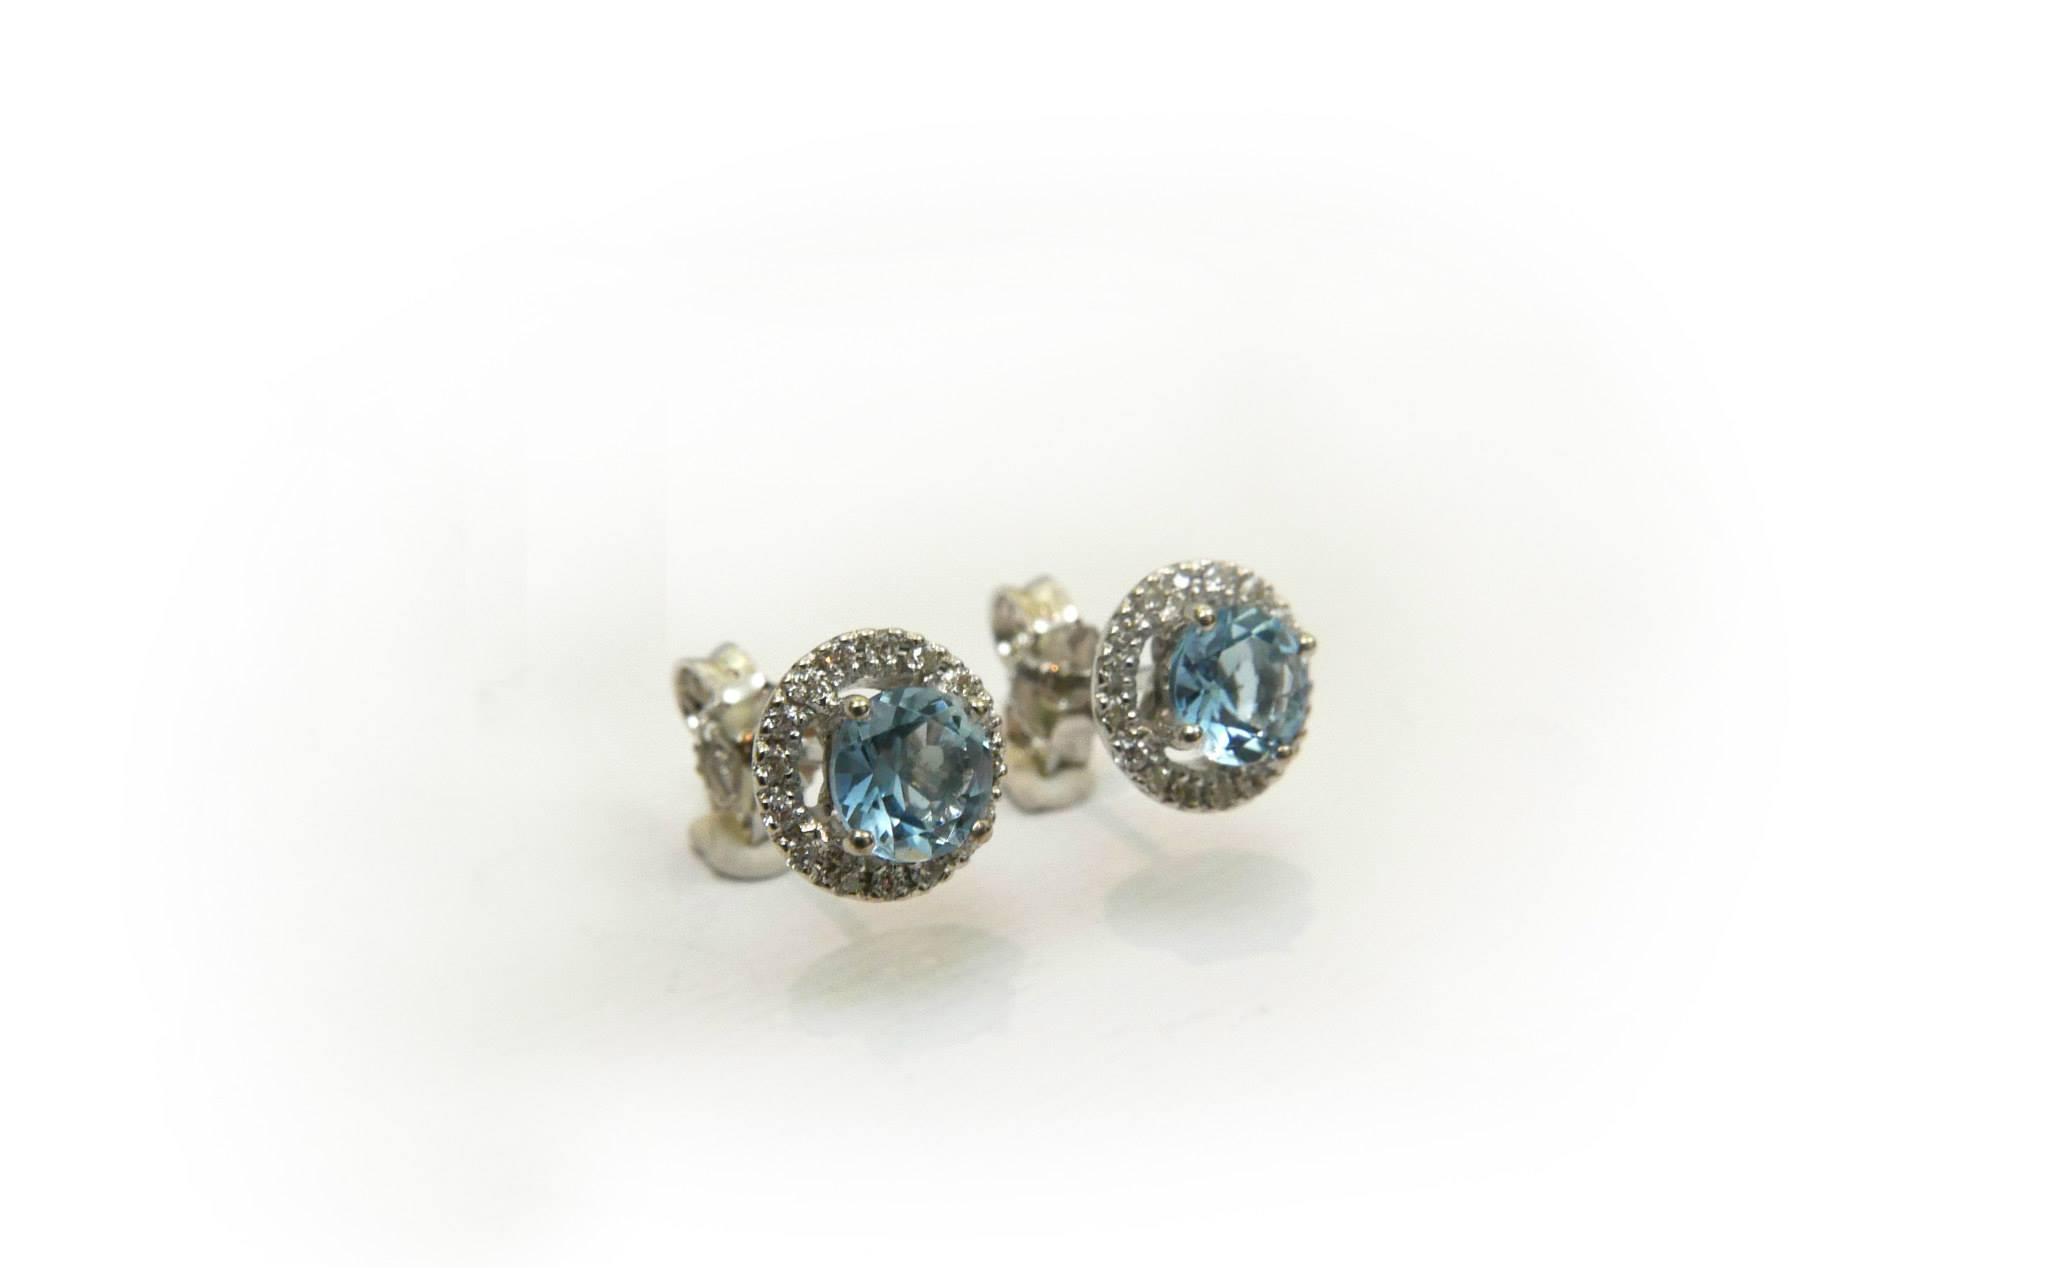 orecchini-in-oro-bianco-con-acquamarina-e-diamanti - daniele pifferi - laboratorio orafo e gioielleria bologna